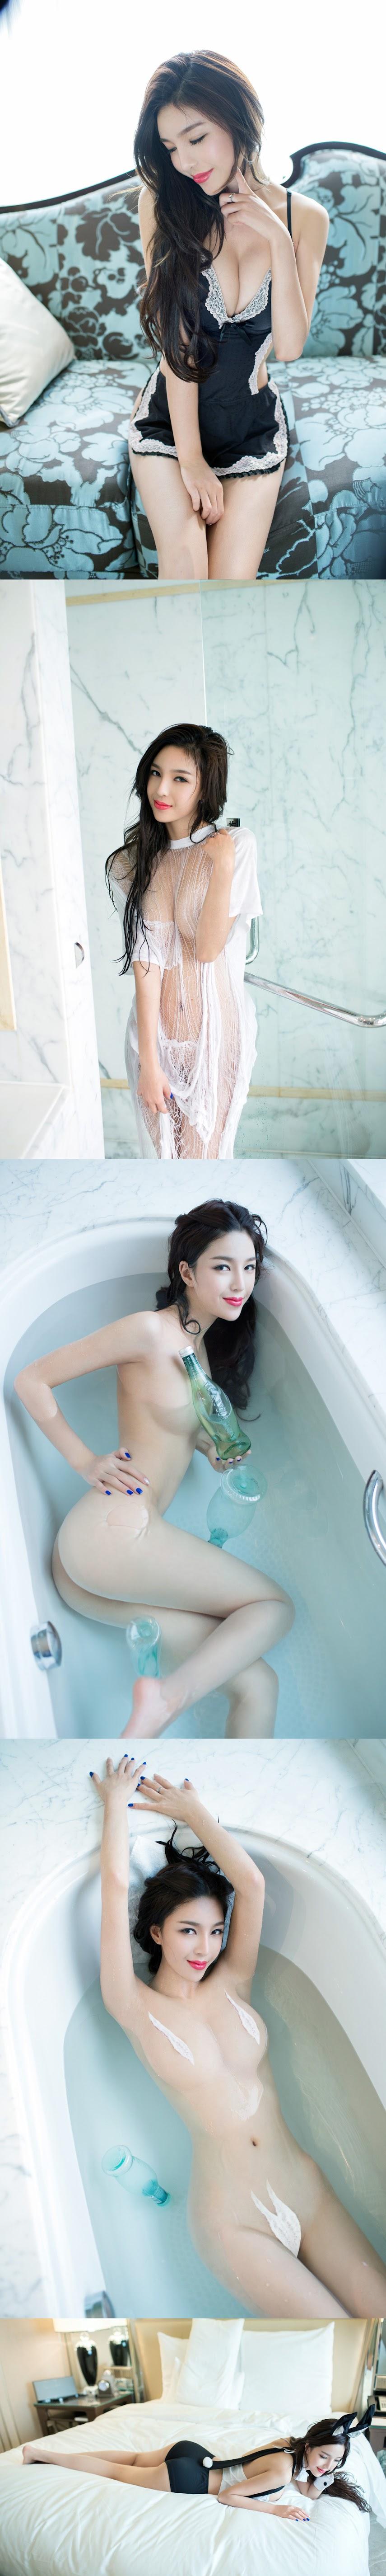 TuiGirl 42 郑瑞熙 sexy girls image jav